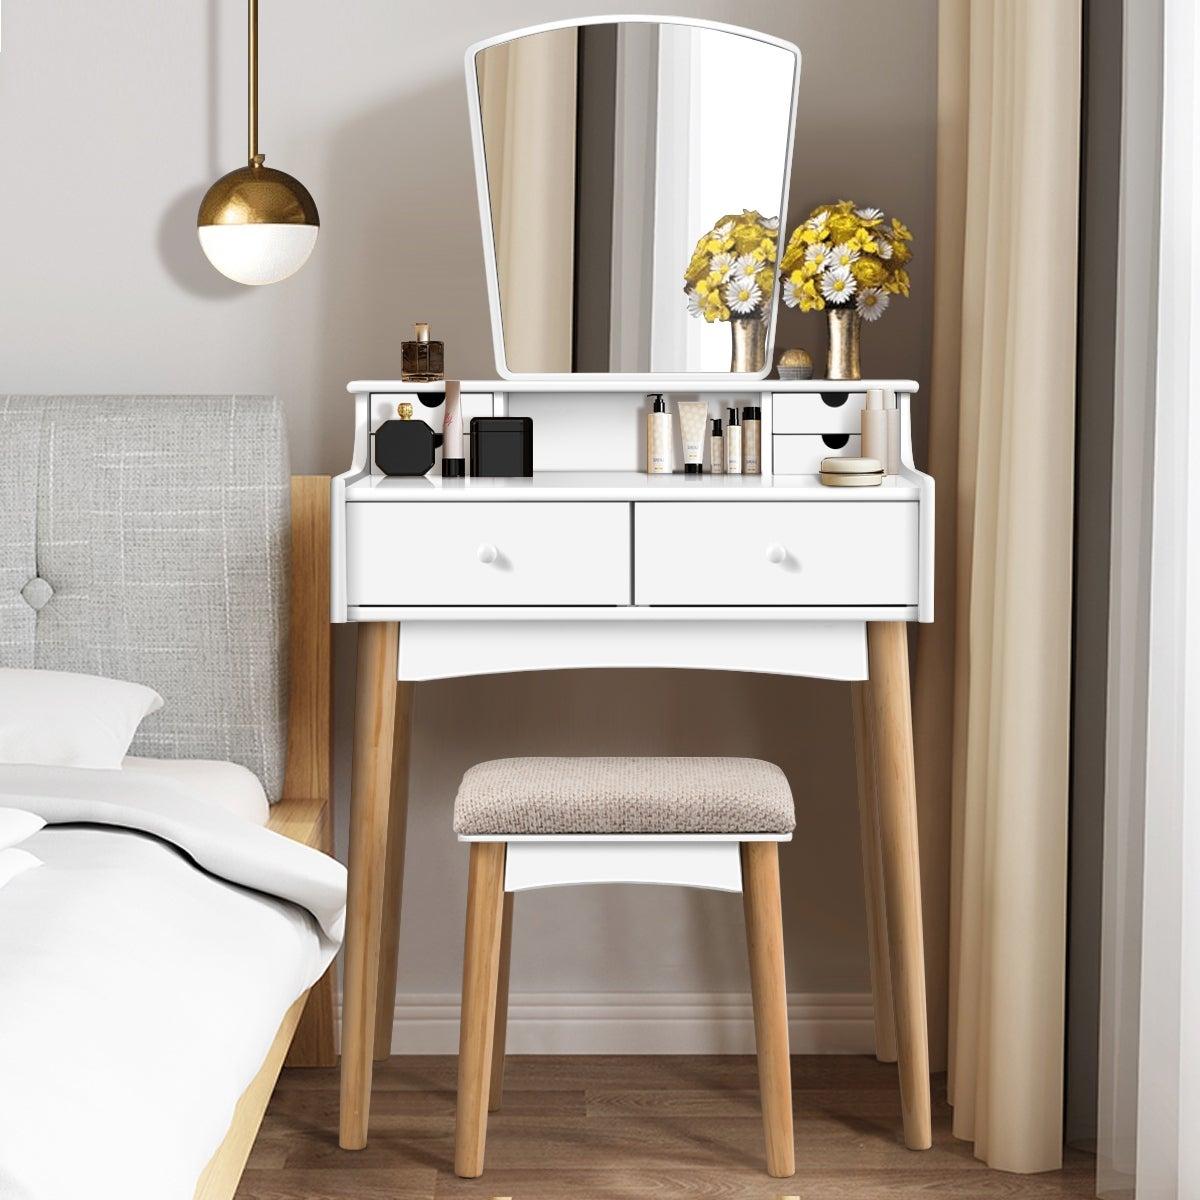 Hướng dẫn bố trí bàn trang điểm trong phòng ngủ hợp phong thủy